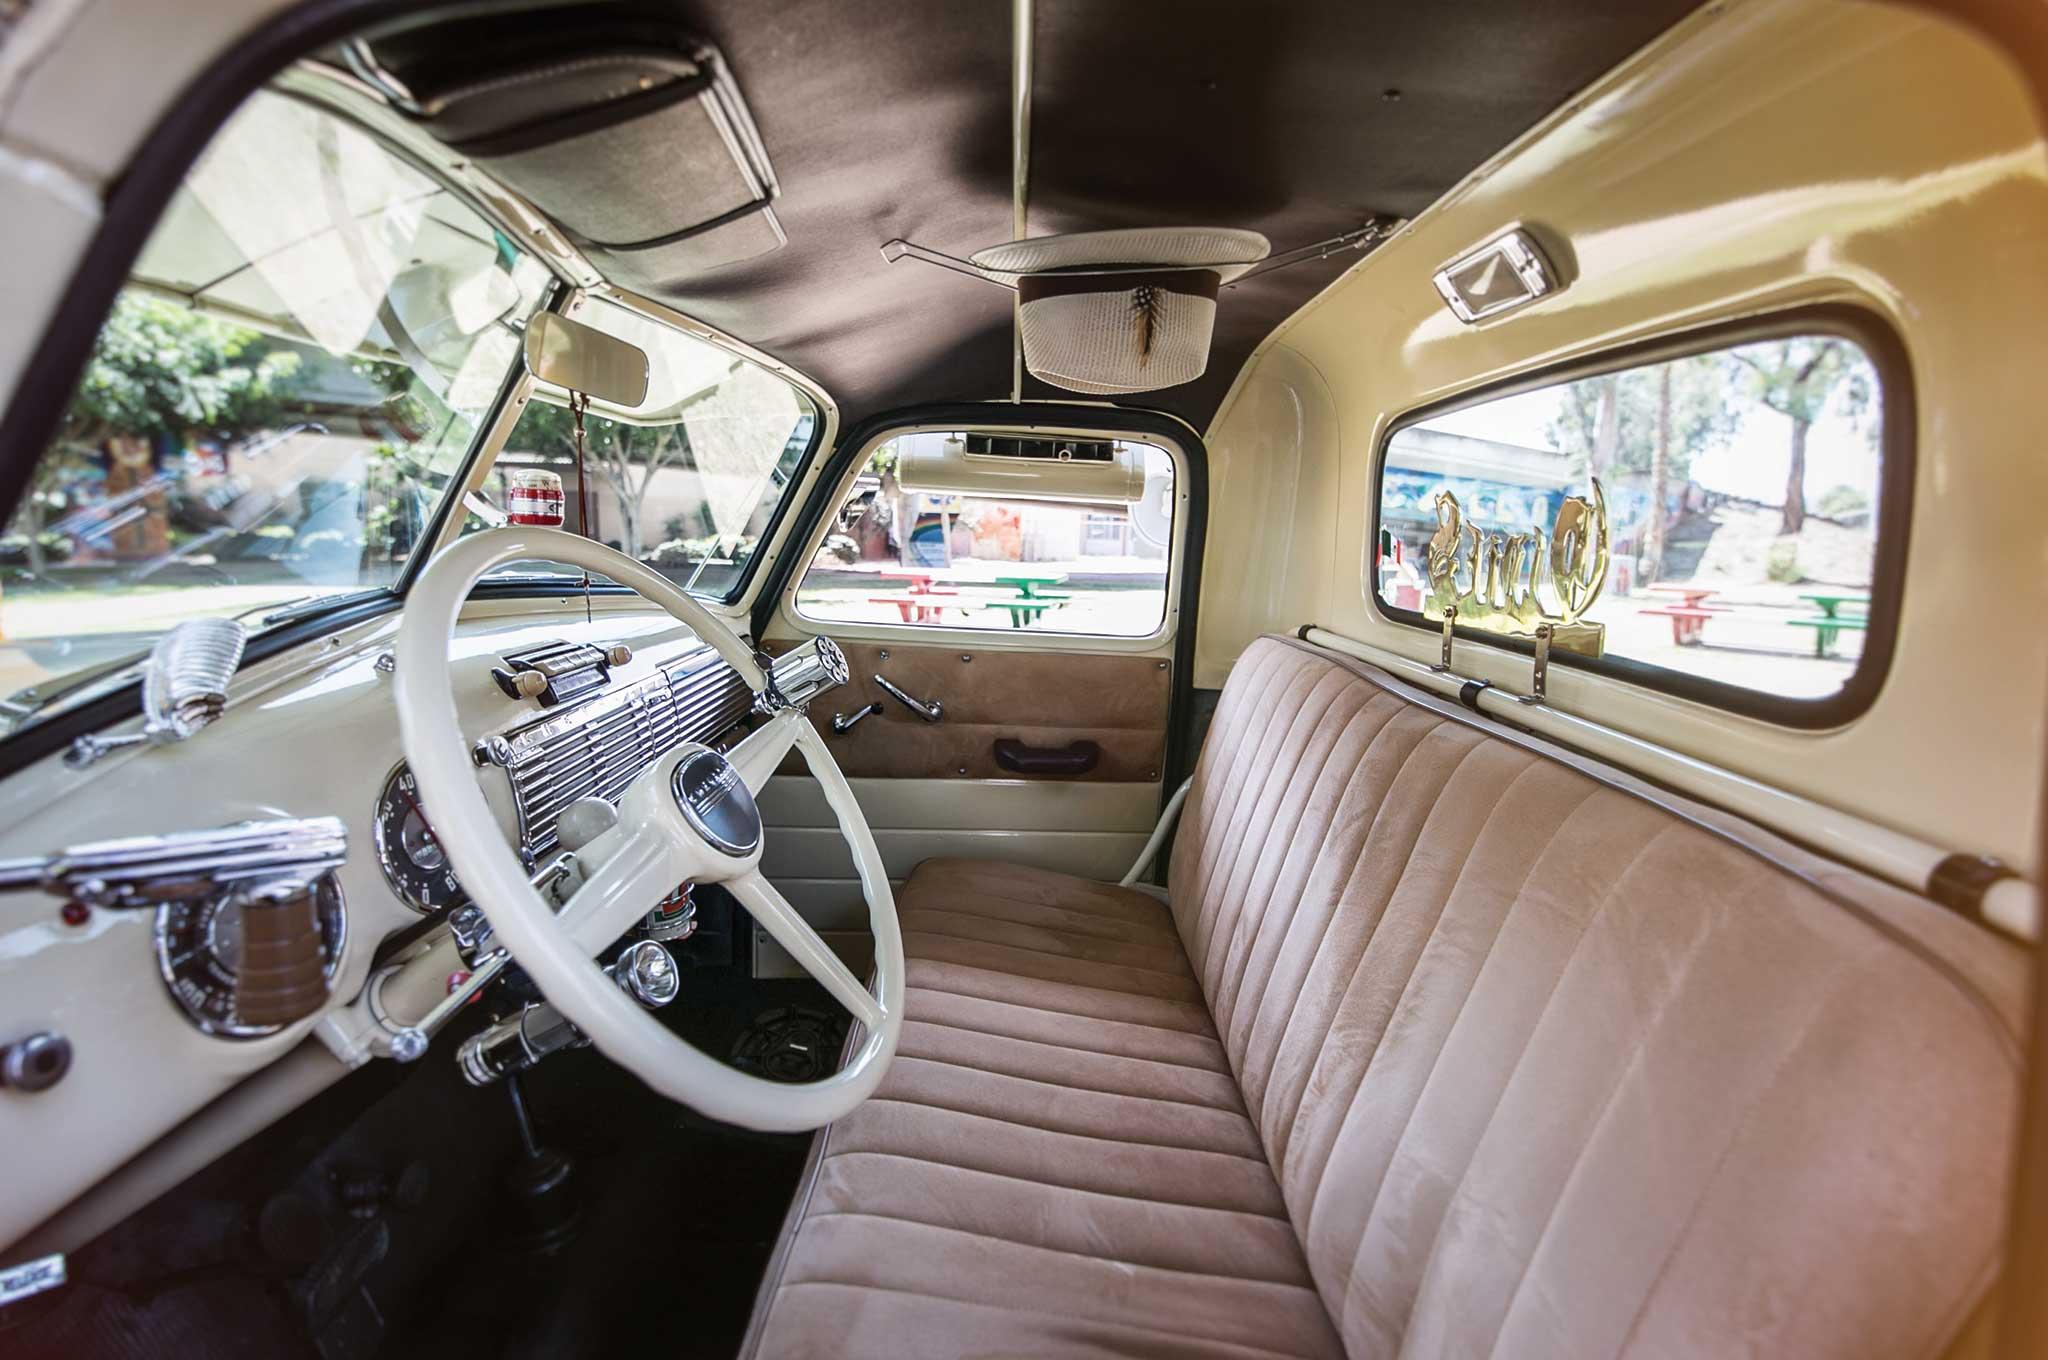 1949 chevrolet 3100 childhood inspiration lowrider. Black Bedroom Furniture Sets. Home Design Ideas